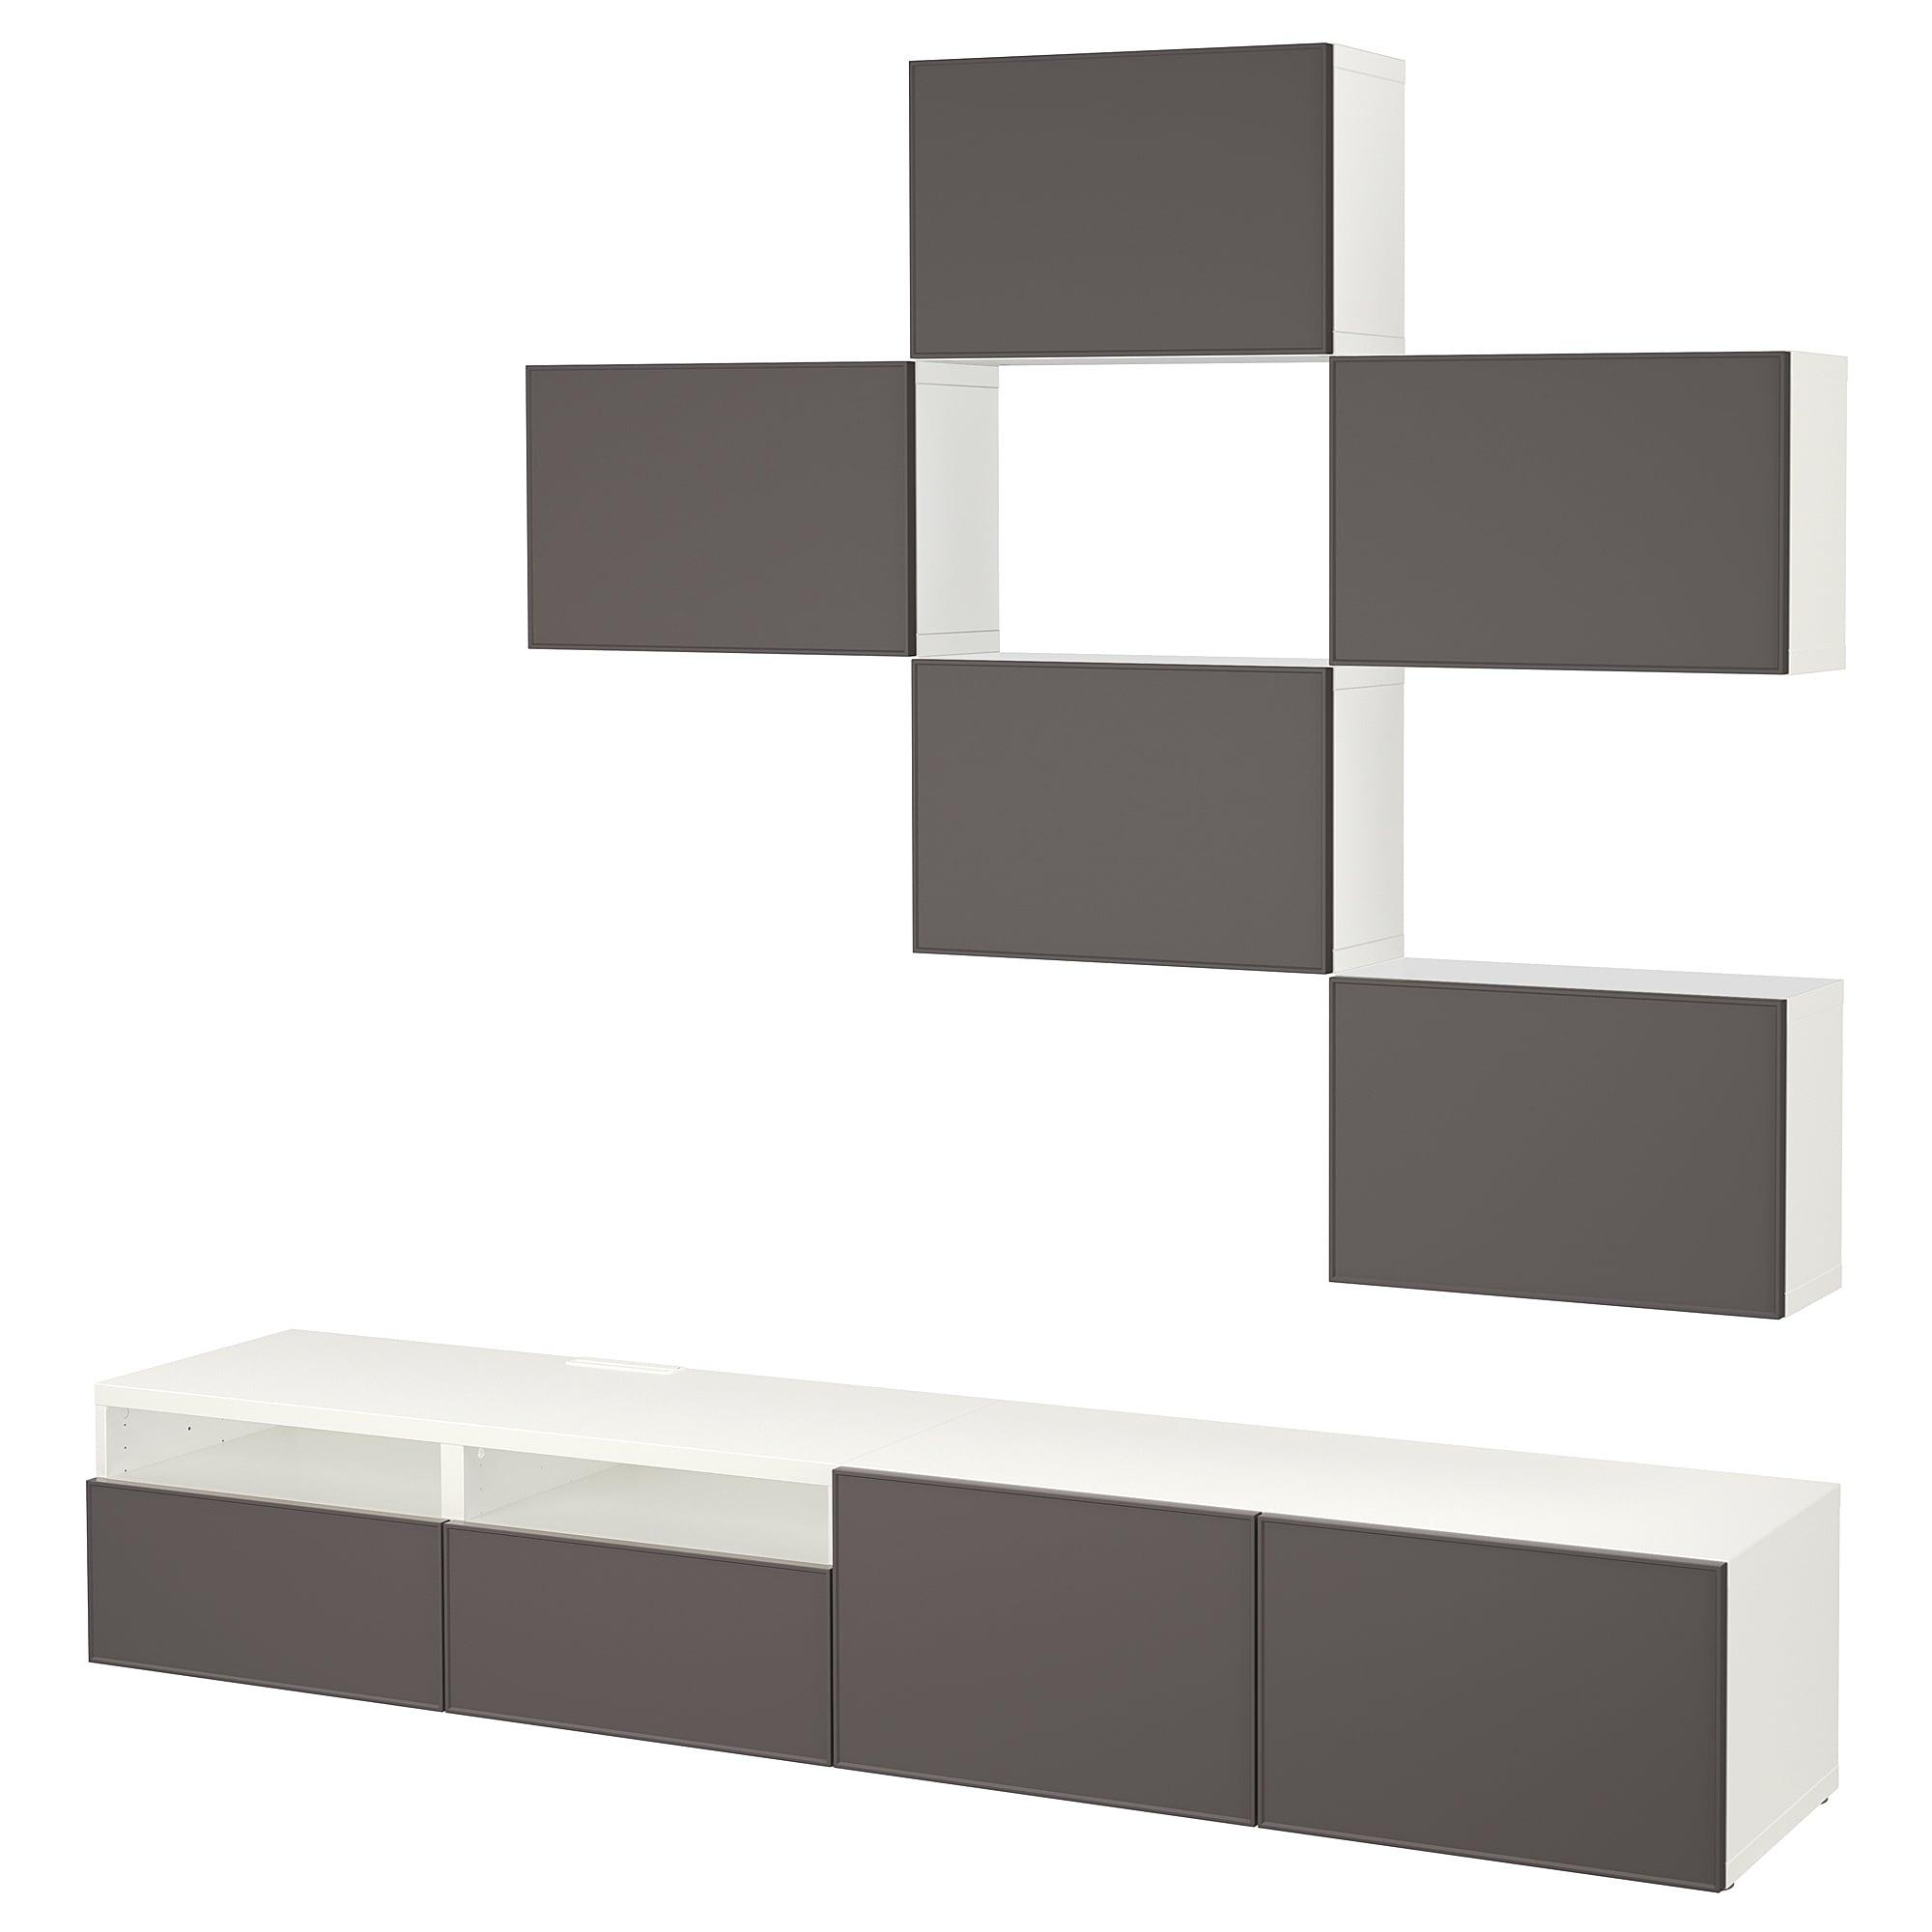 Шкаф для ТВ, комбинация БЕСТО темно-серый артикуль № 692.516.42 в наличии. Online магазин IKEA РБ. Быстрая доставка и соборка.